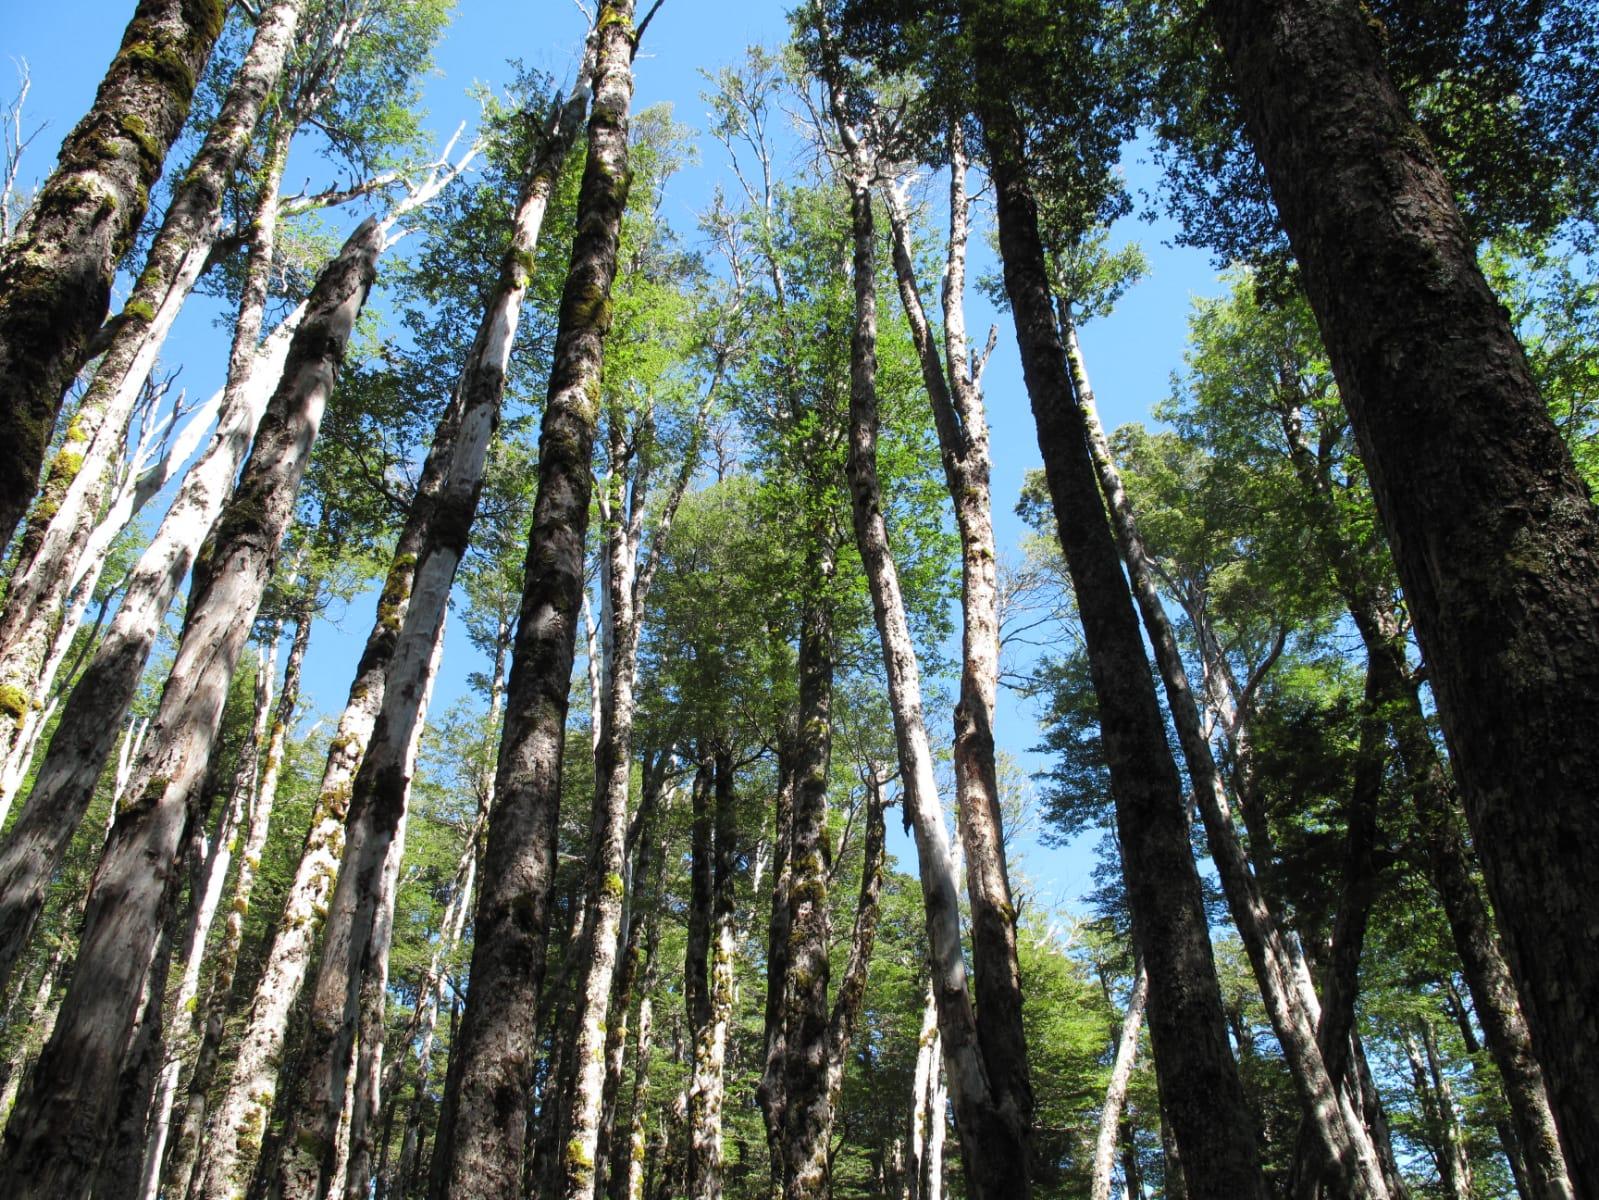 UACh busca ser carbono neutral a través de su propio patrimonio natural